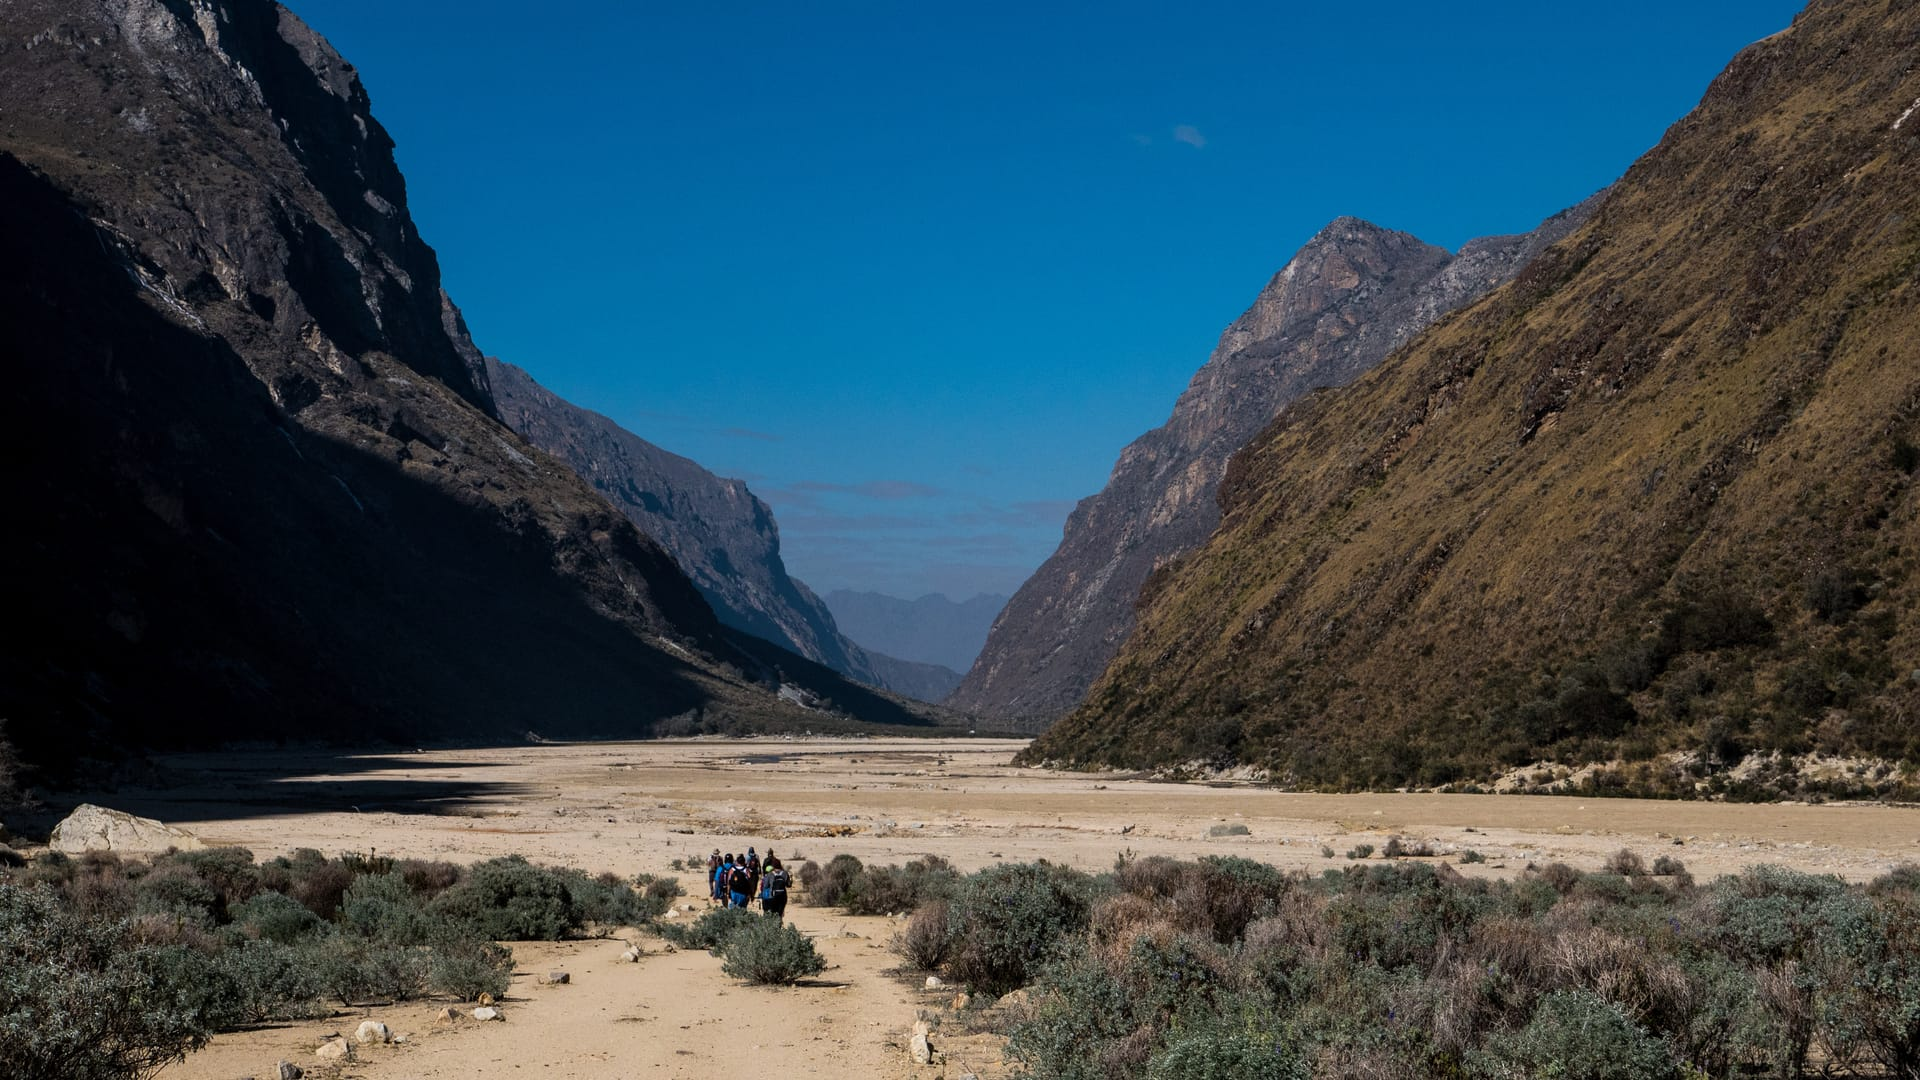 The Santa Cruz Trek in Huaraz - Desert Landscapes on the Final Day of the Santa Cruz Trek